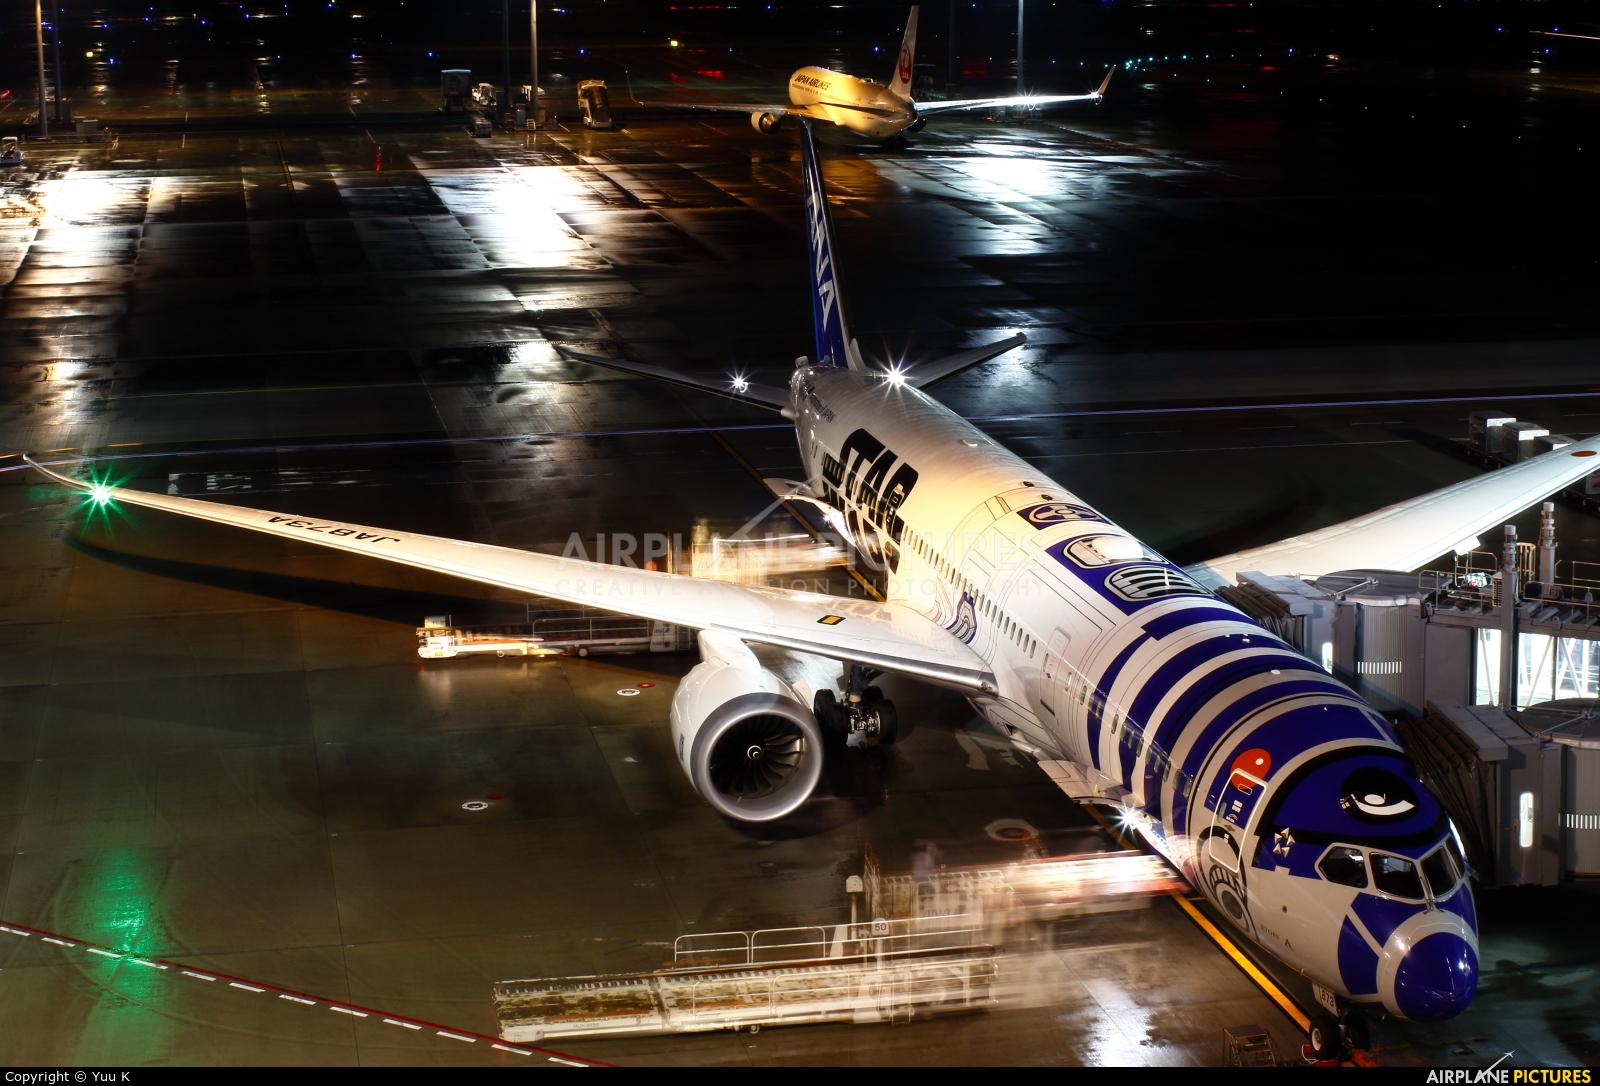 ANA - All Nippon Airways JA873A aircraft at Tokyo - Haneda Intl